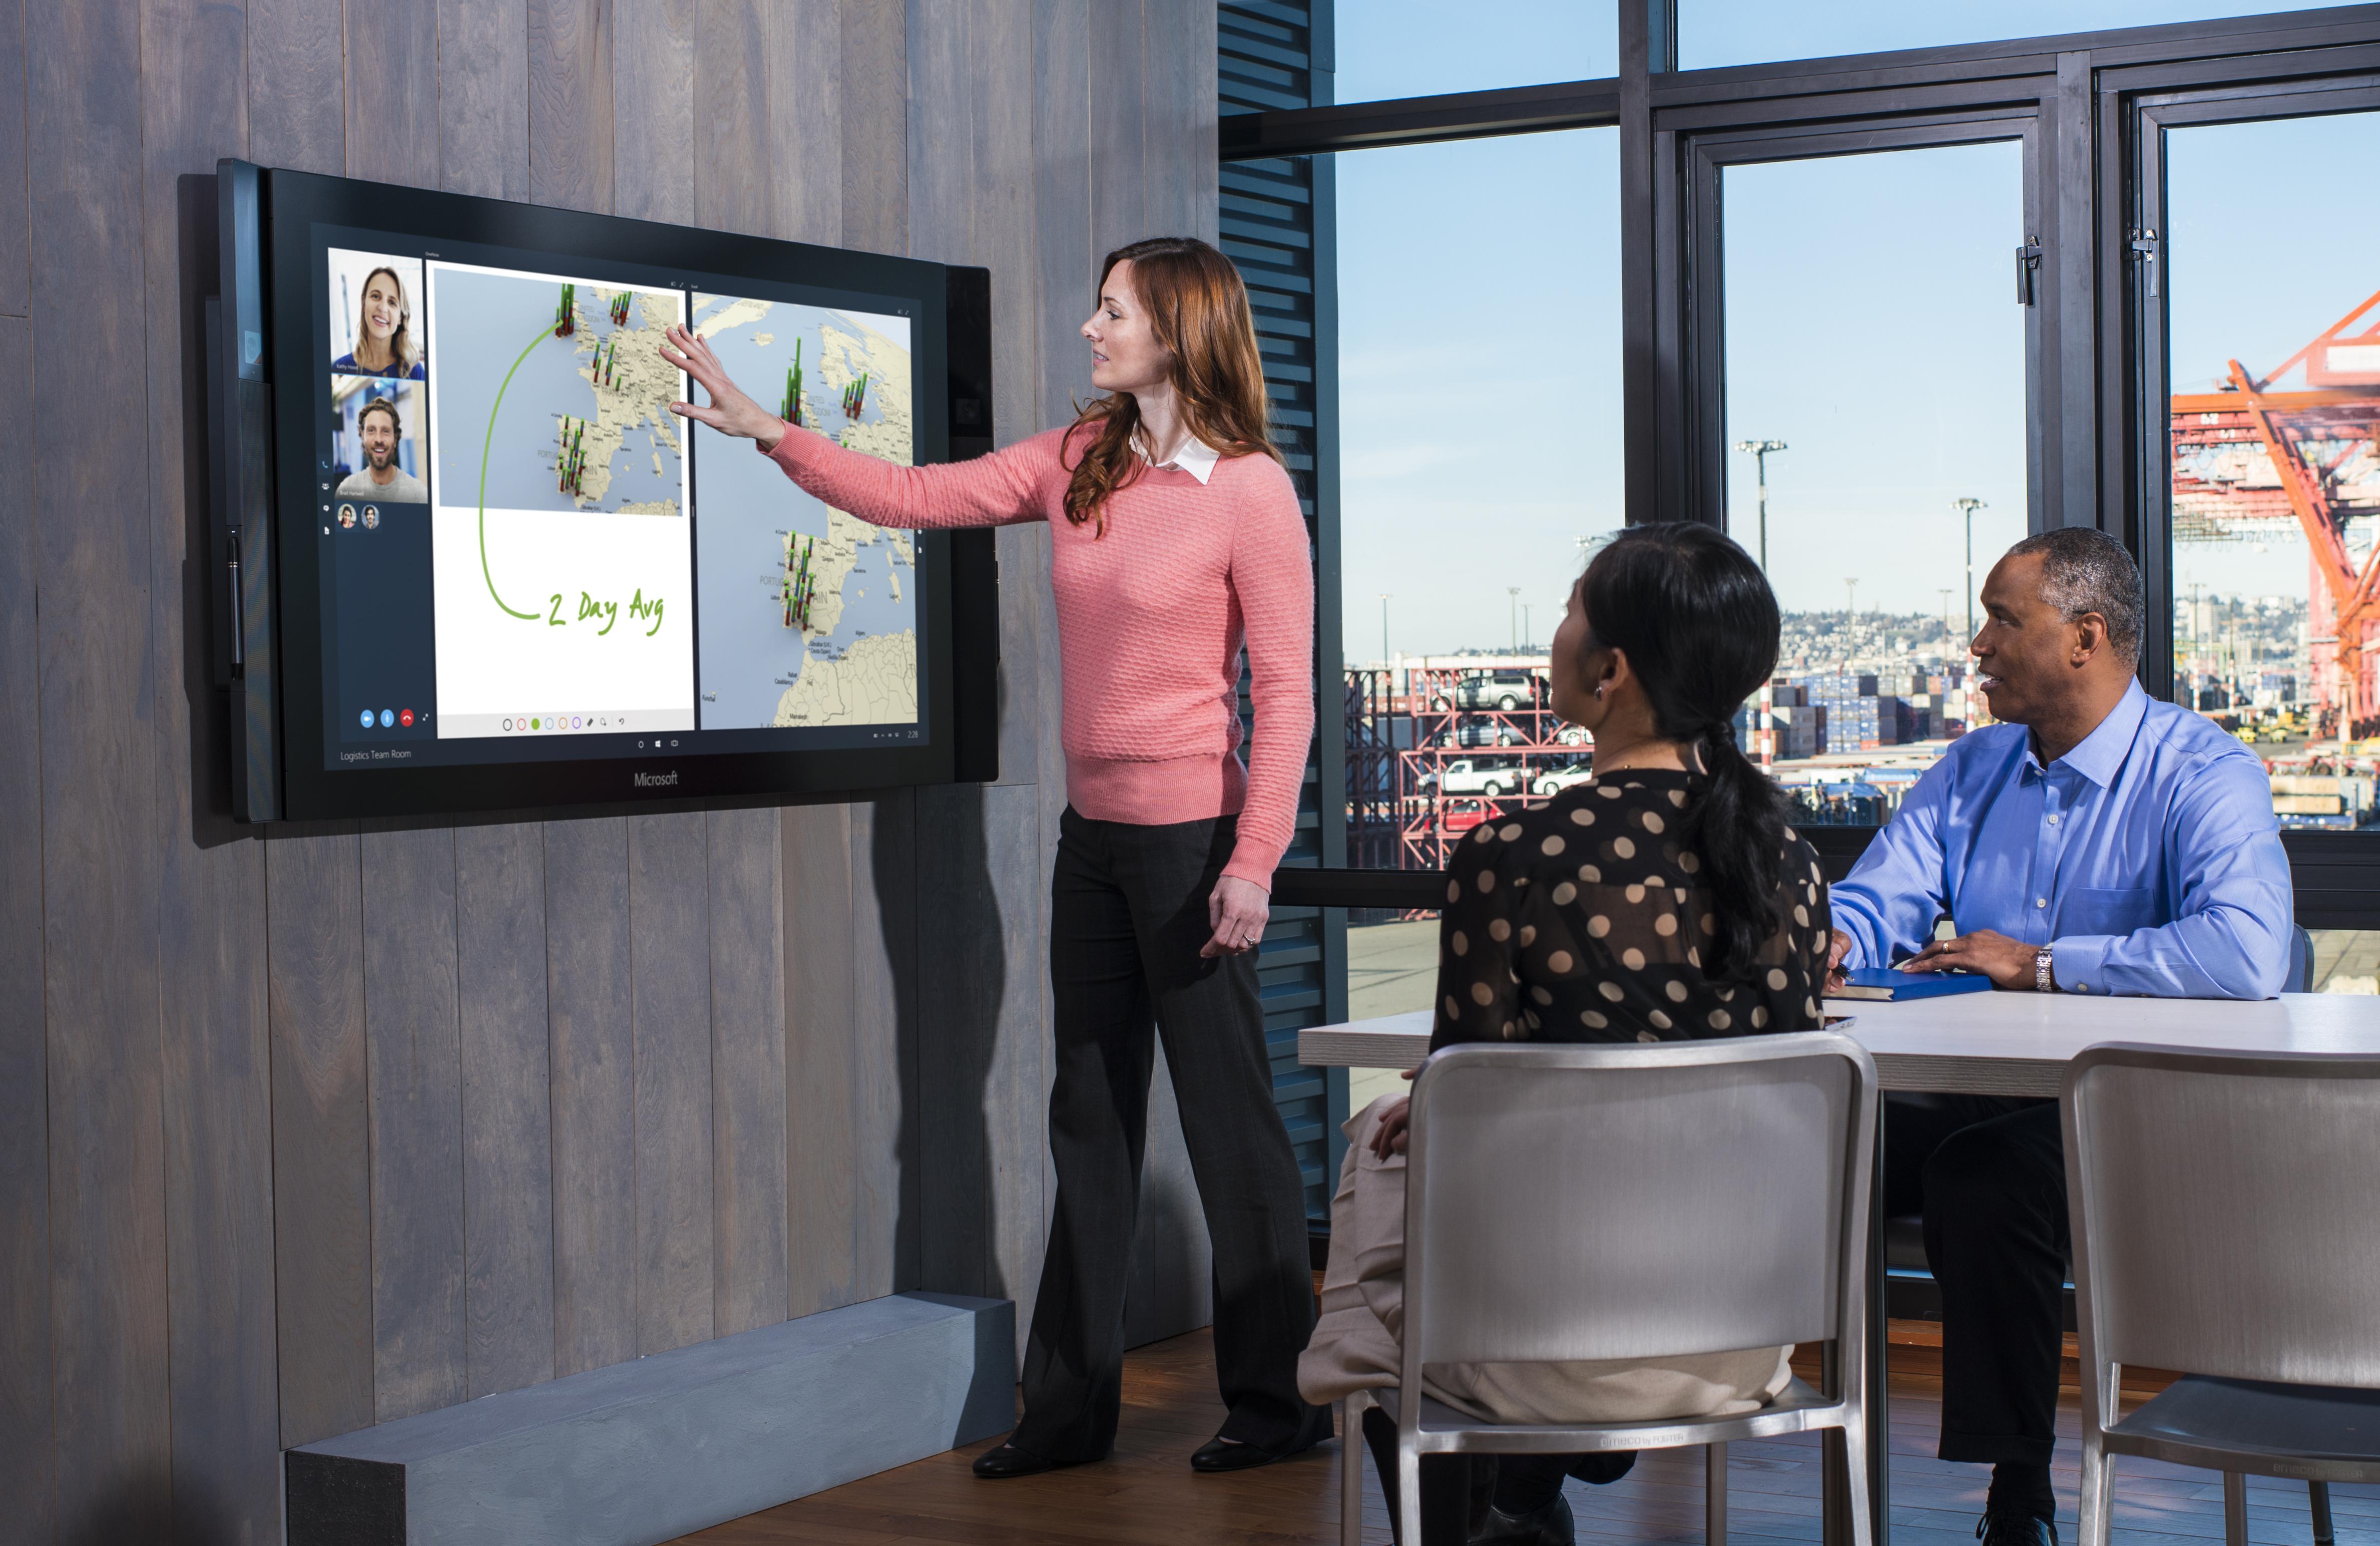 Gigantske tablice Microosft Sufrace Hub bodo namenjene predvsem izobraževalnim ustanovam in podjetjem.